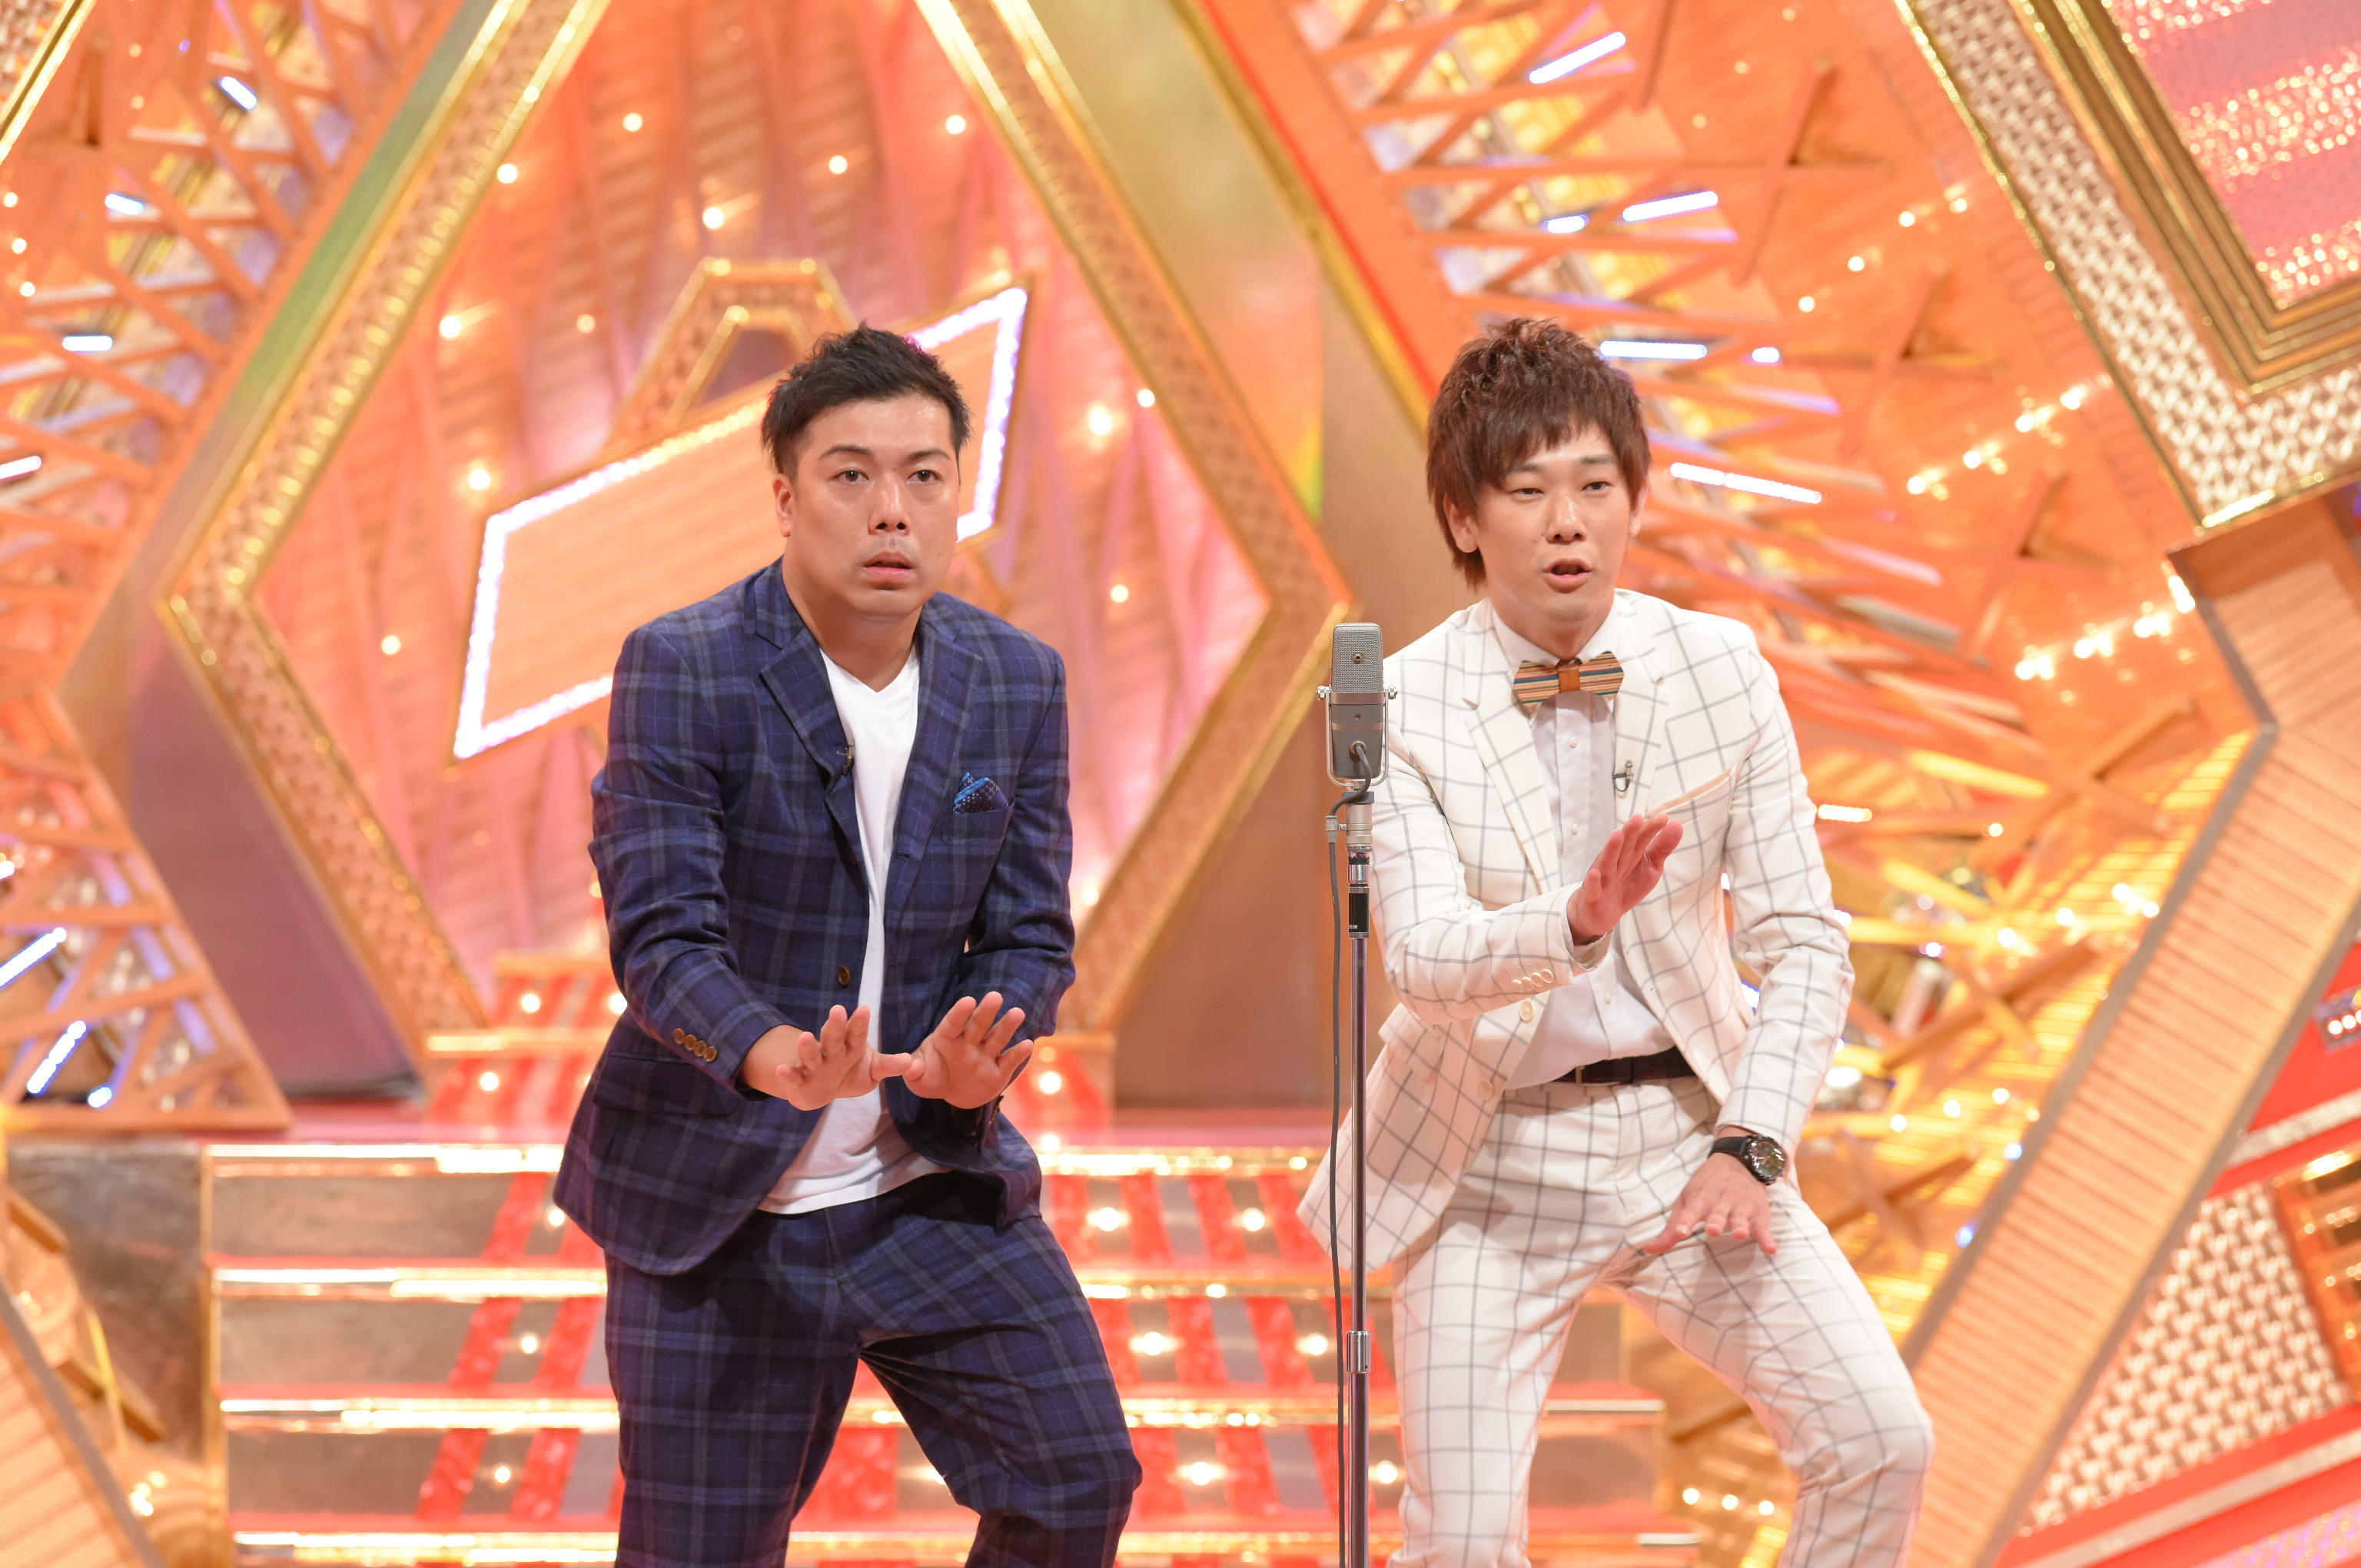 http://news.yoshimoto.co.jp/20170712103906-6085d5c2e7fcbdadd4b30d153d5ab155b04dbca2.jpg